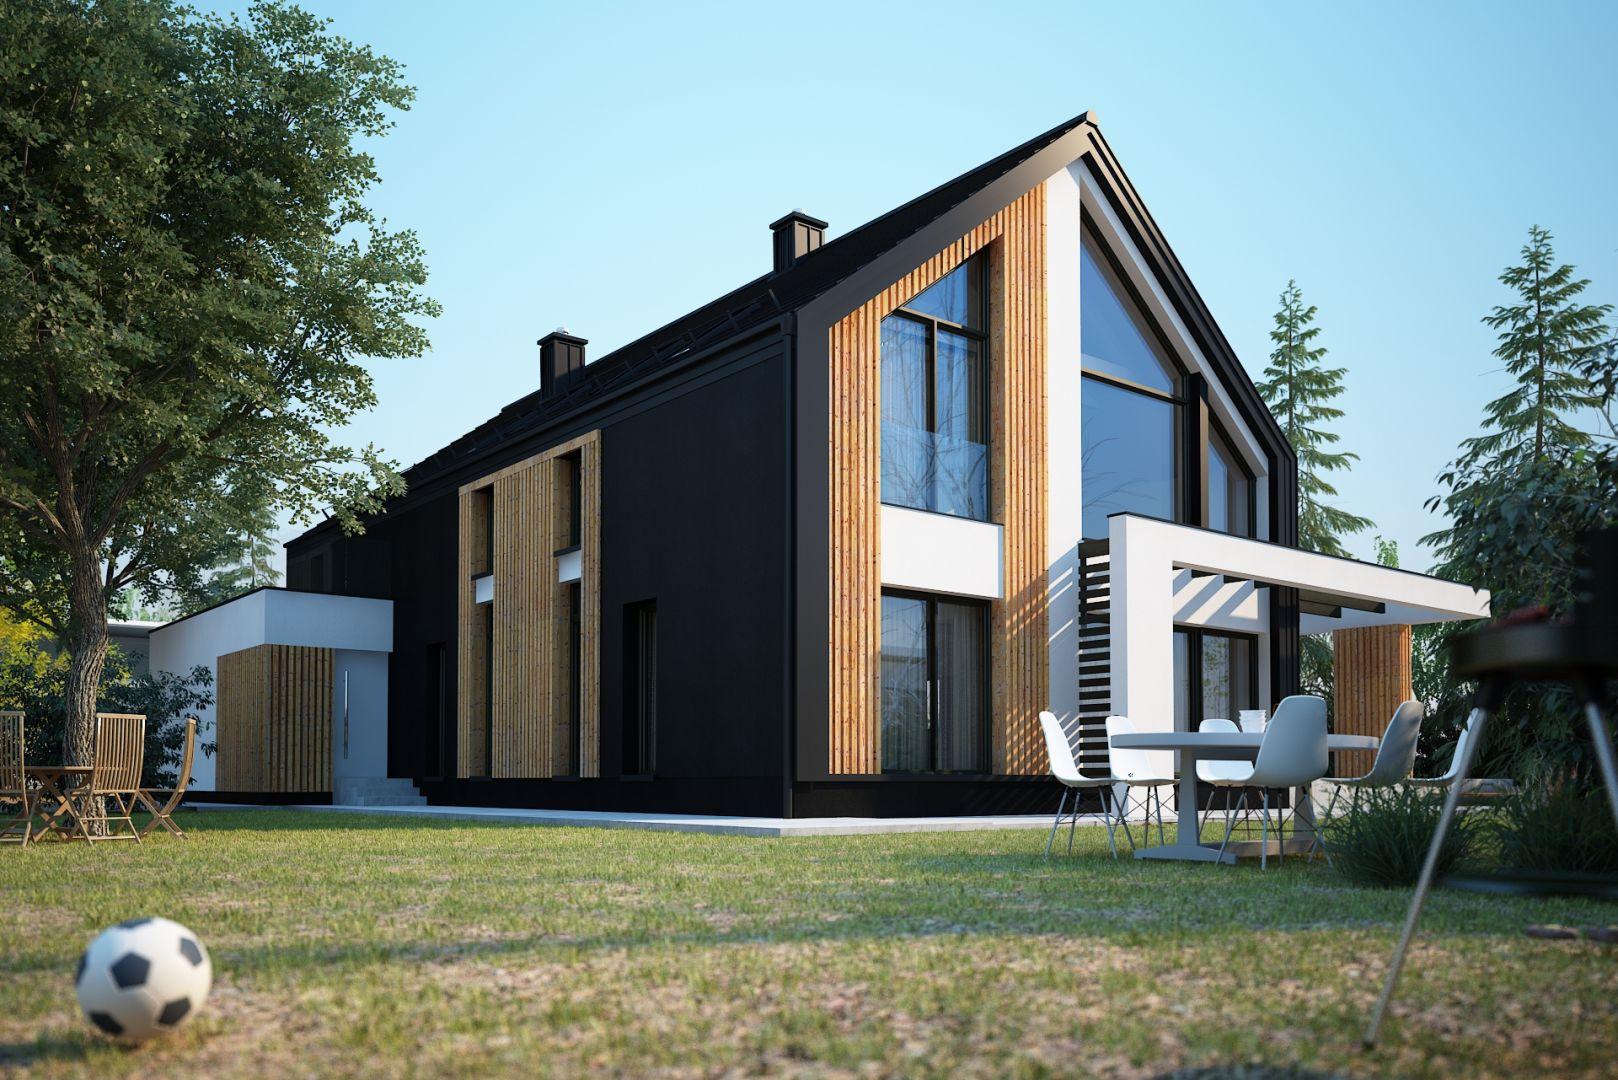 Duże przeszklenia nadaję bryle domu lekkości. Nazwa projektu: Senimona 3. Projekt wykonano w Pracowni Domy w zieleni